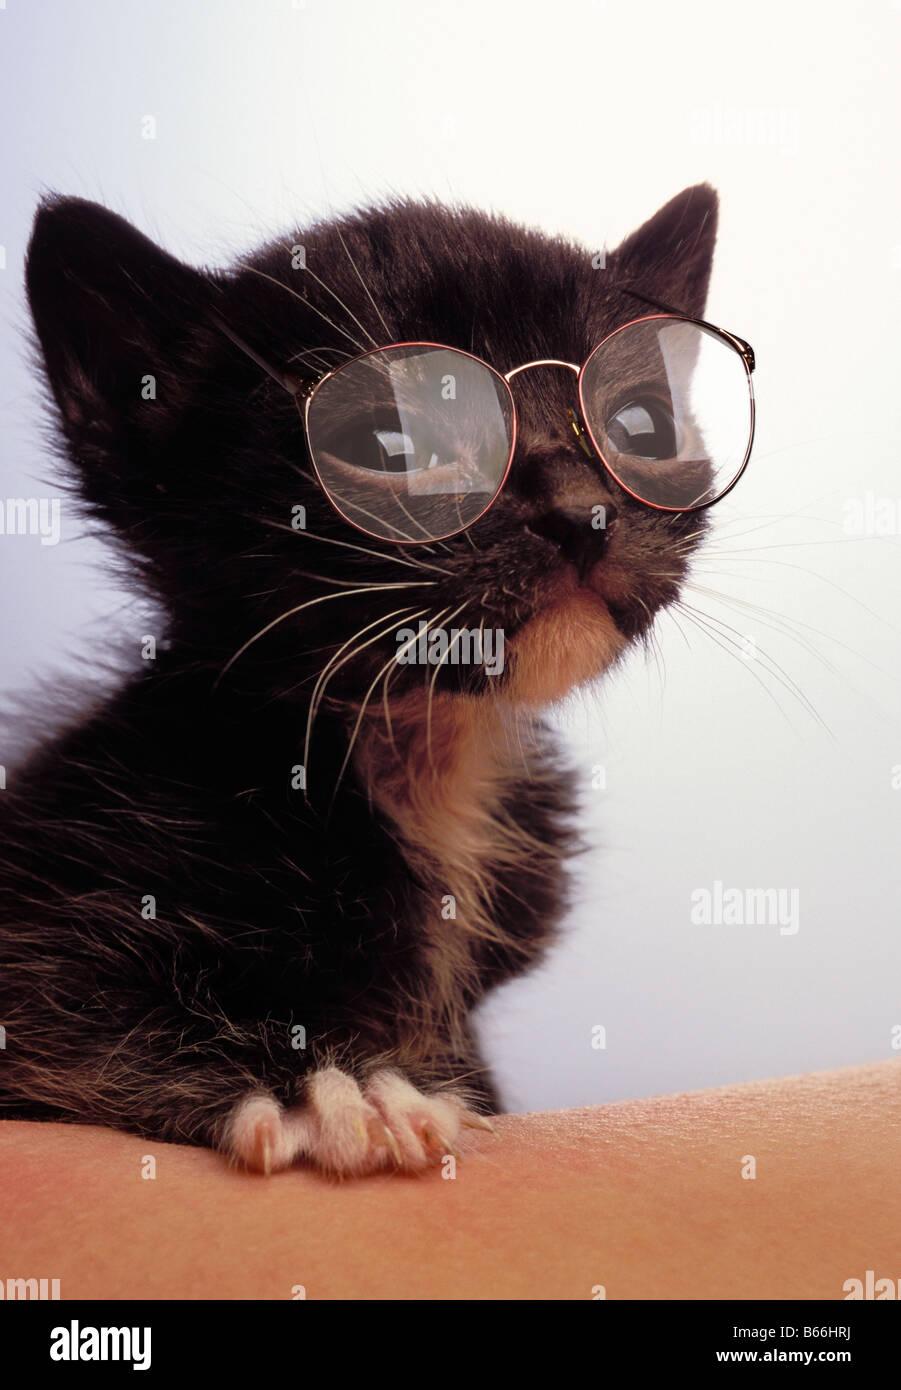 Kitten wearing eyeglasses - Stock Image